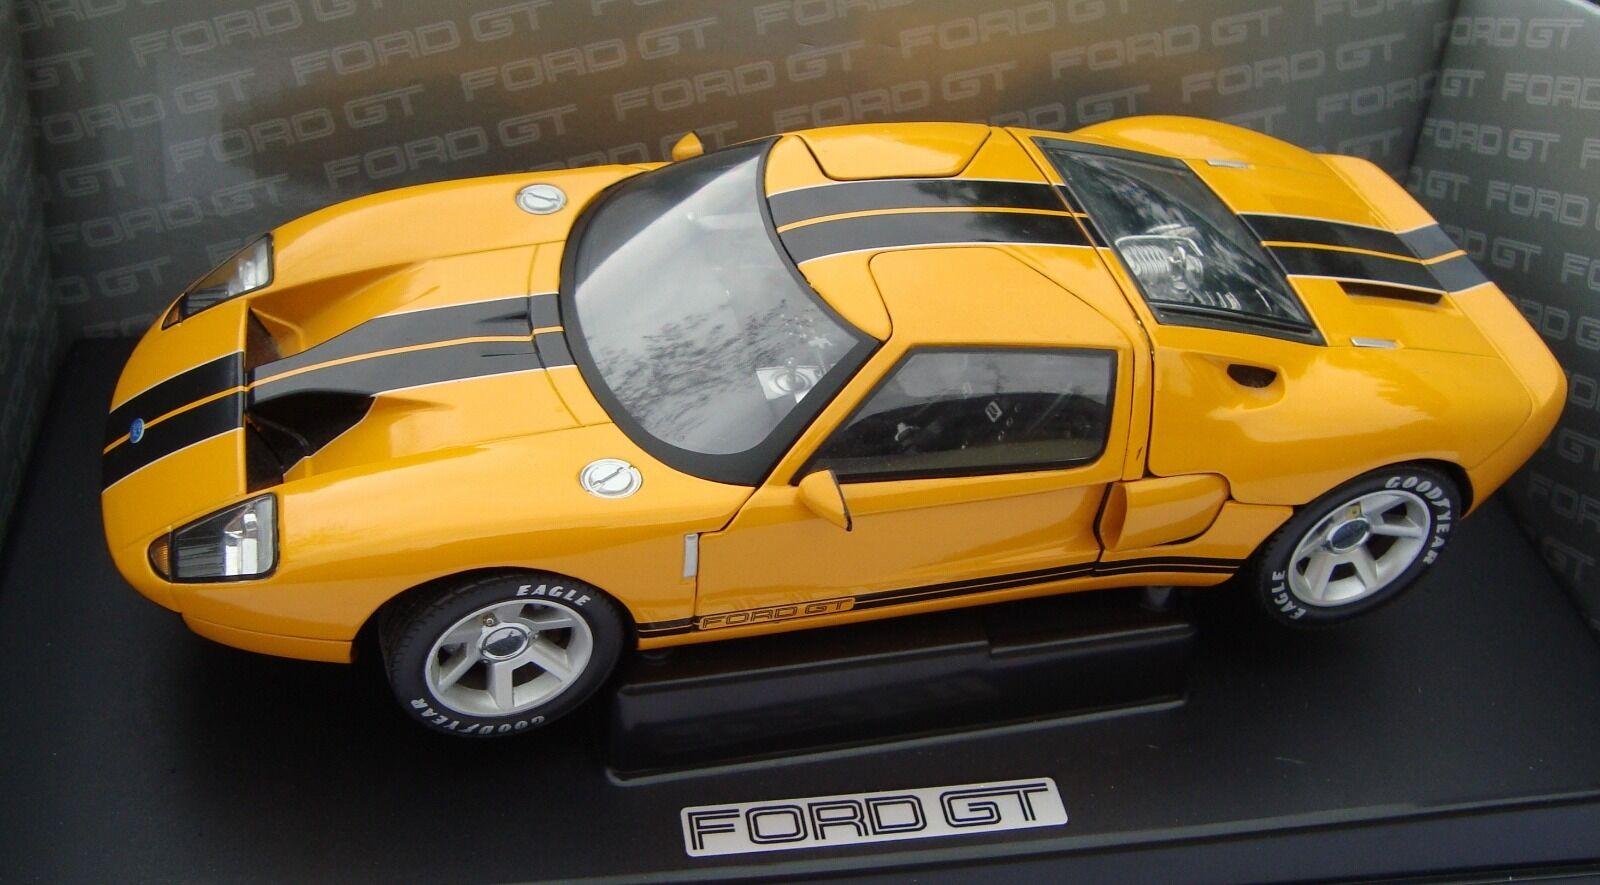 Ford GT arancia w. nero stripes, 1 18 DIECAST Model car, for10014y, nuevo embalaje original &